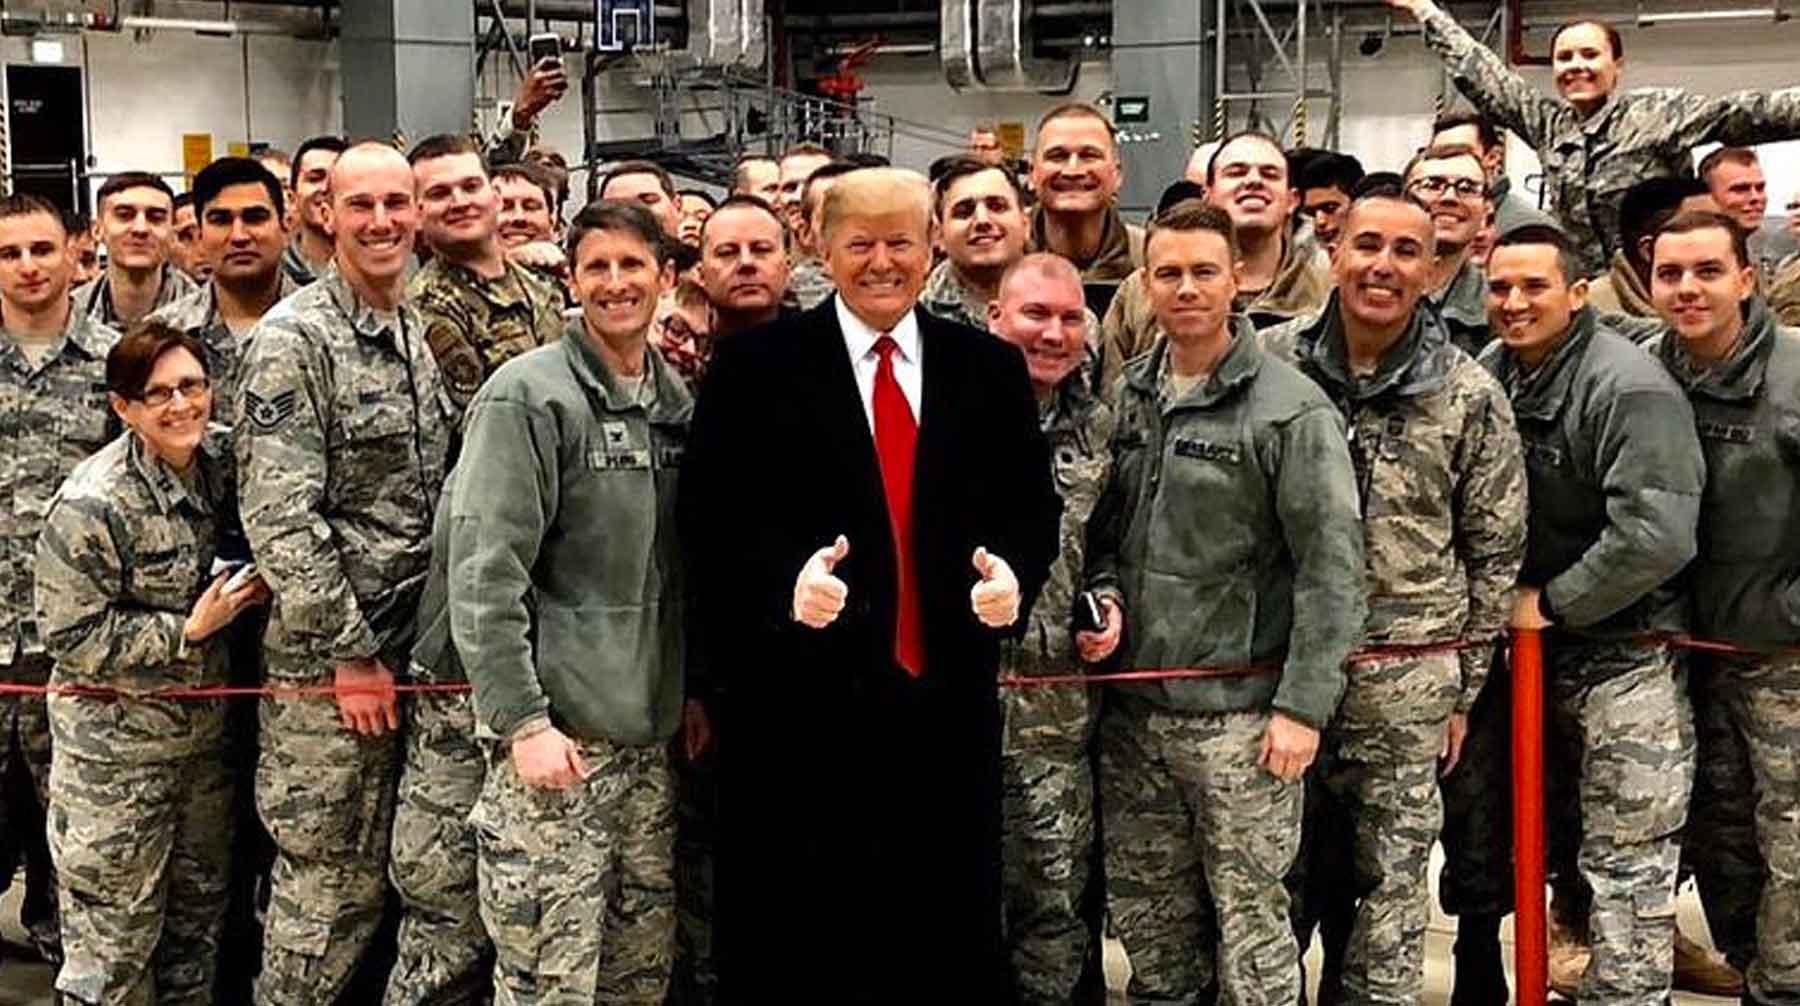 Во время визита в Афганистан с Трампом произошел забавный инцидент